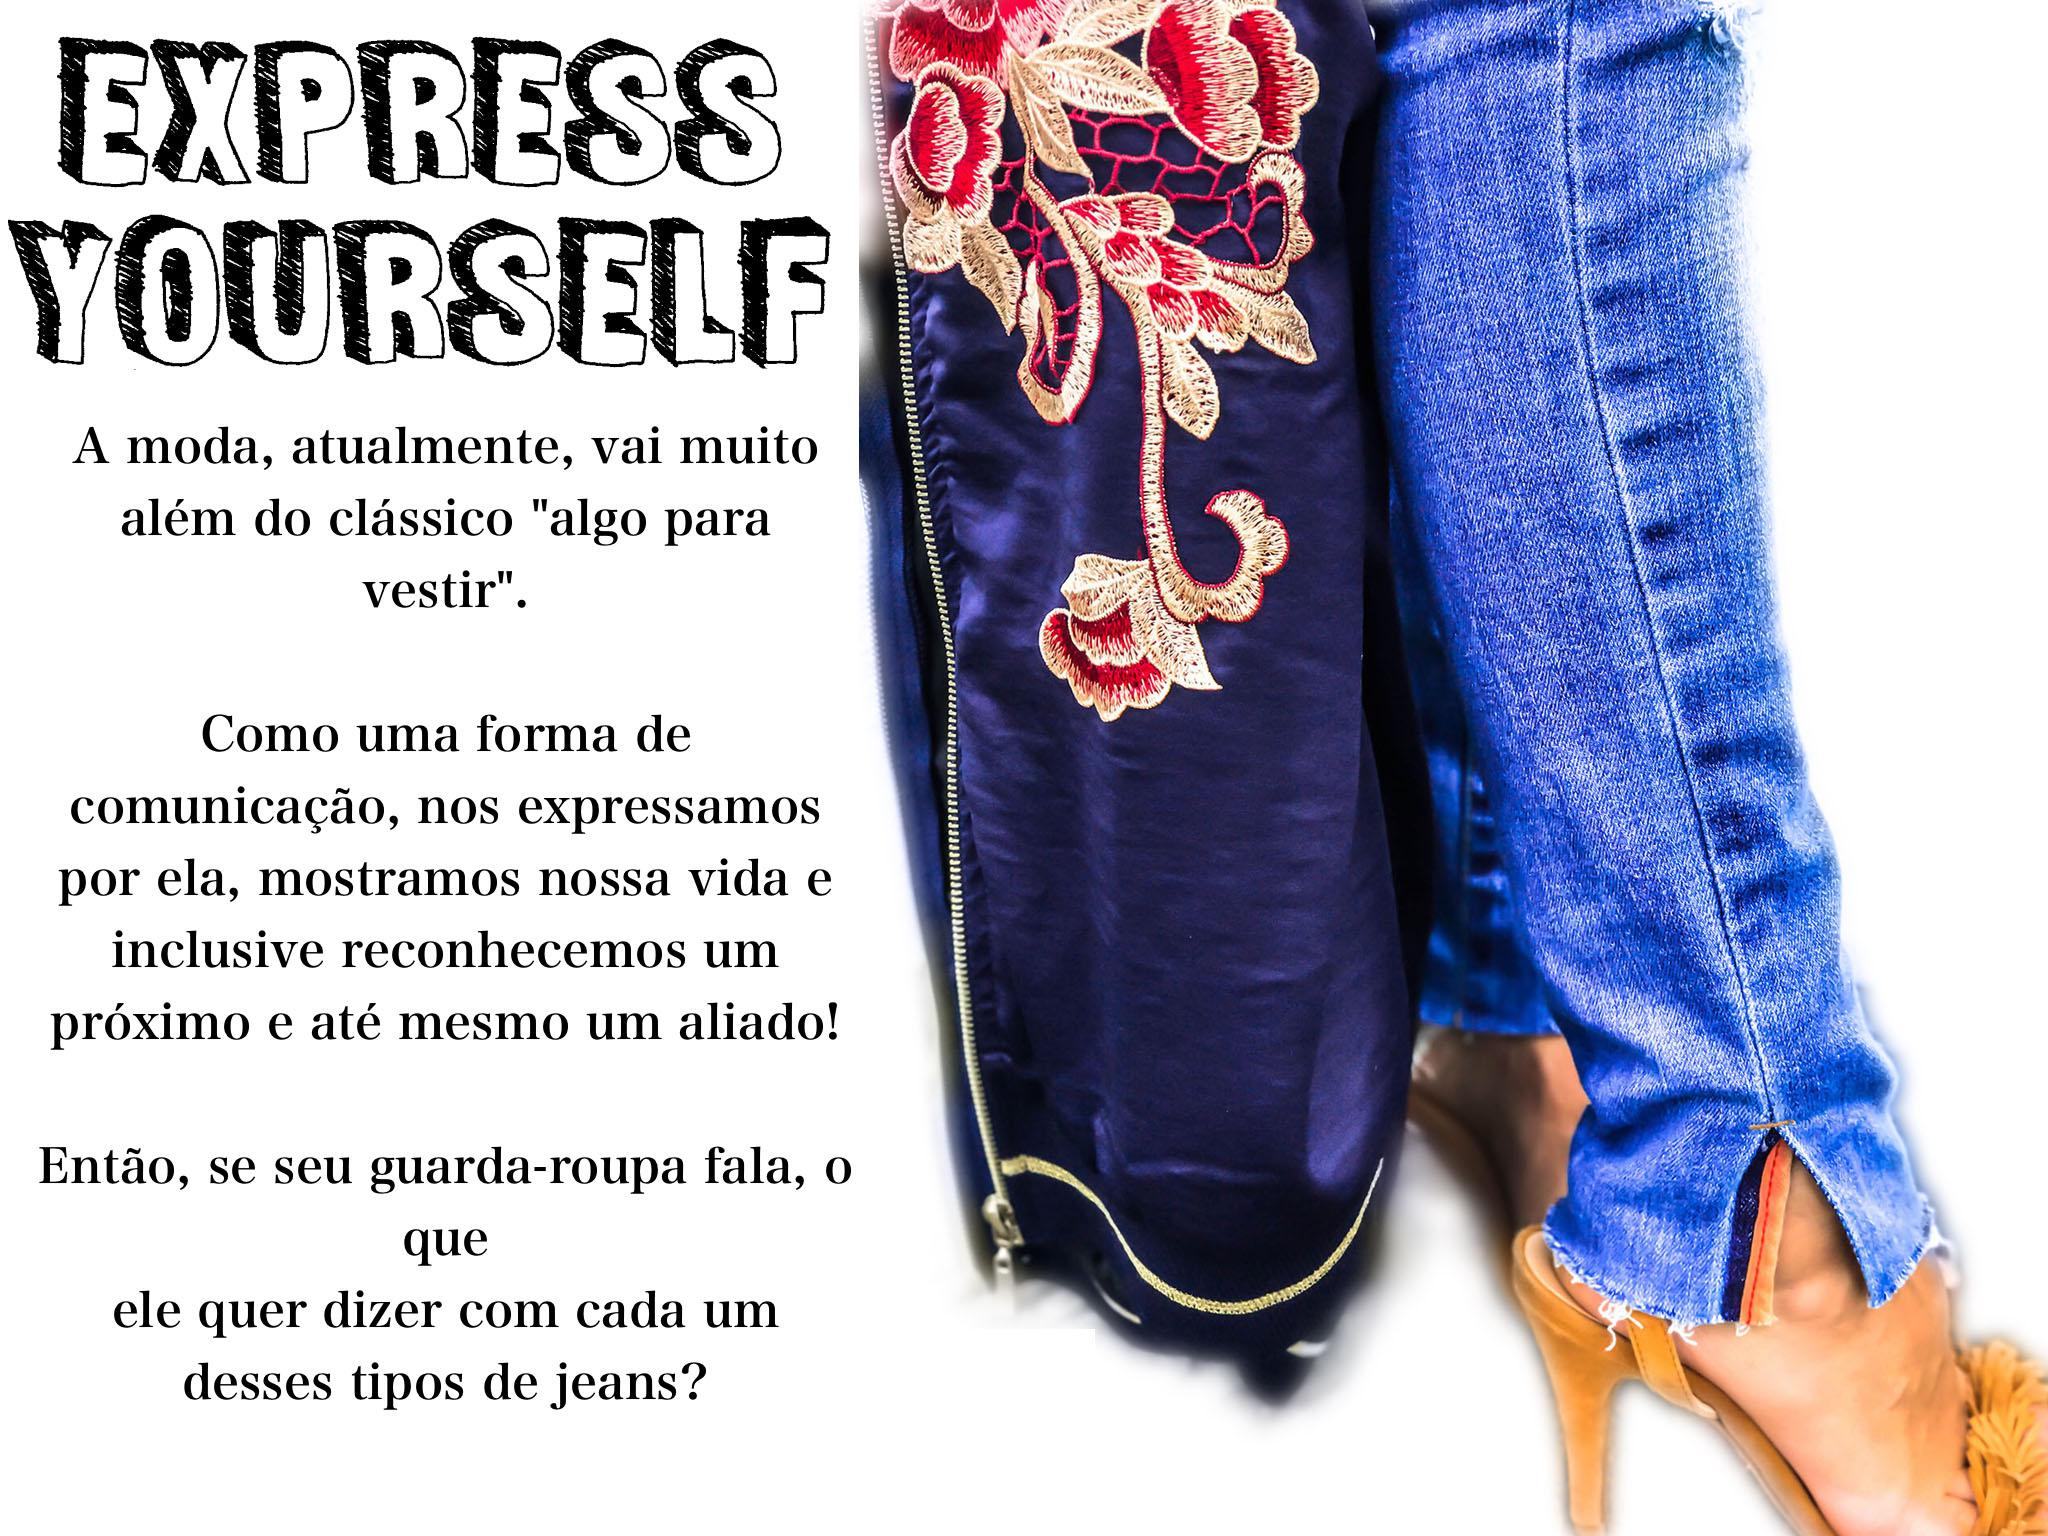 Express Yourself pelo seu jeans